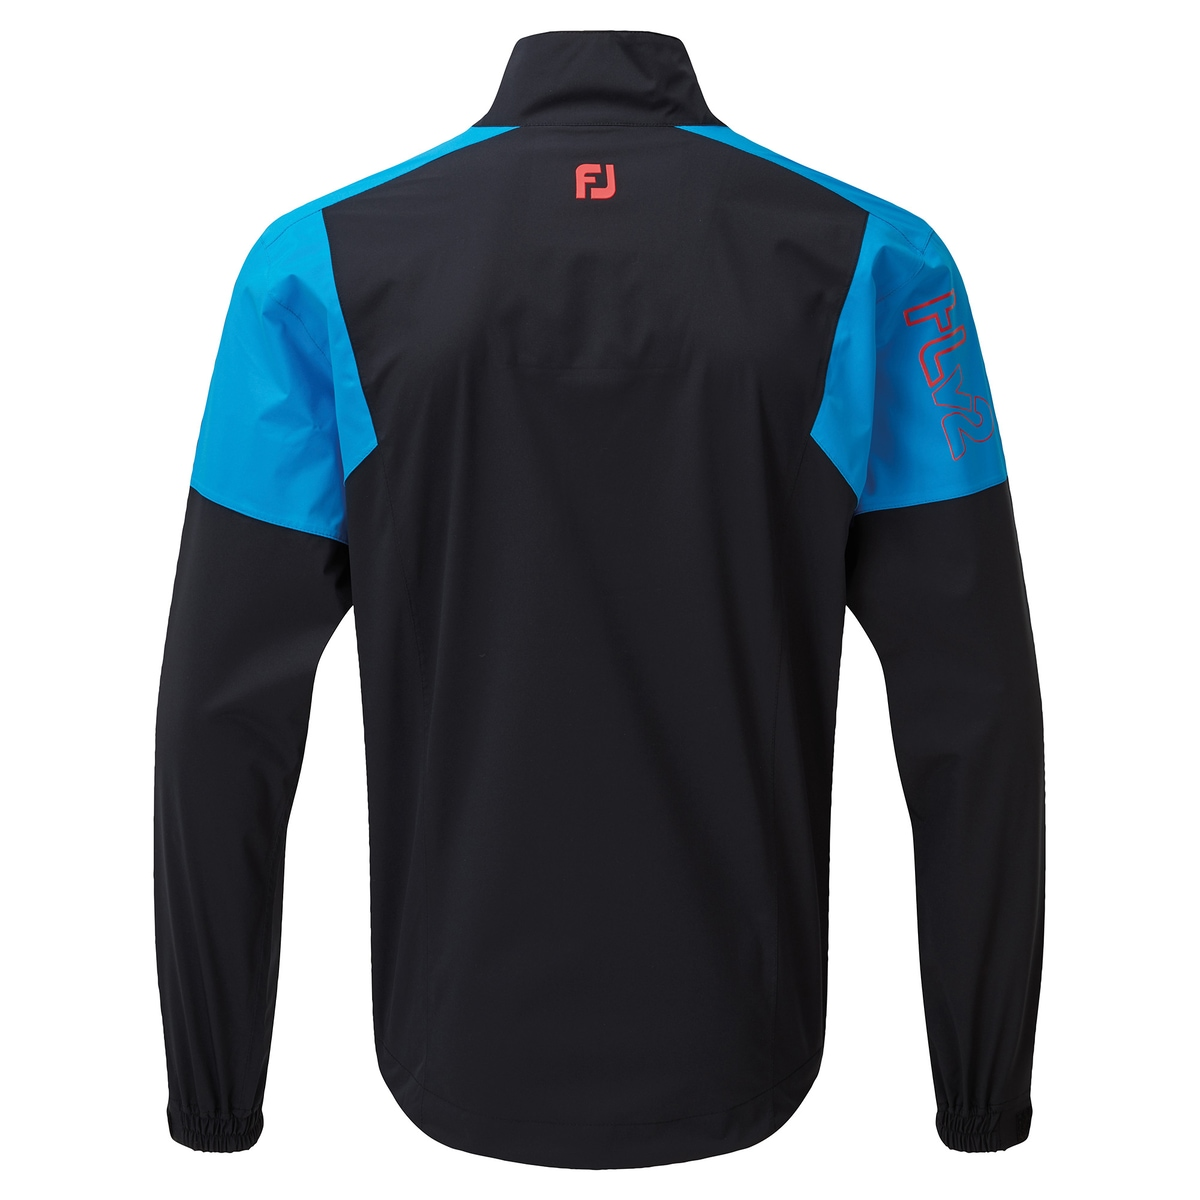 FJ HydroLite V2 Rain Shirt